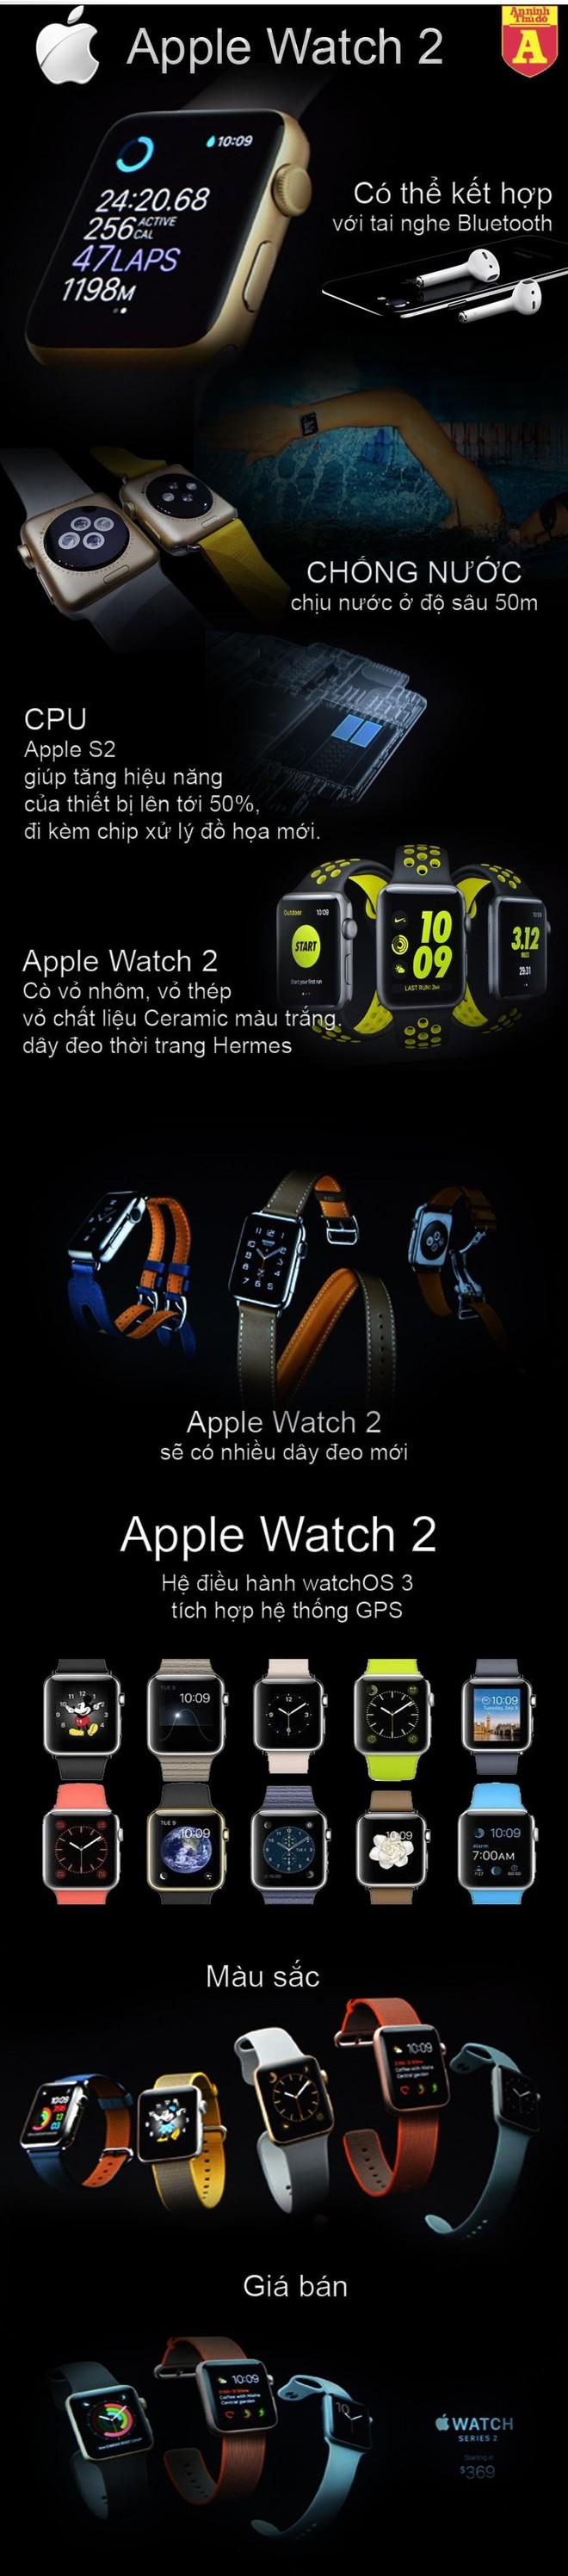 [Infographic] Apple Watch Series 2 – Đẵng cấp đến từ sự mạnh mẽ